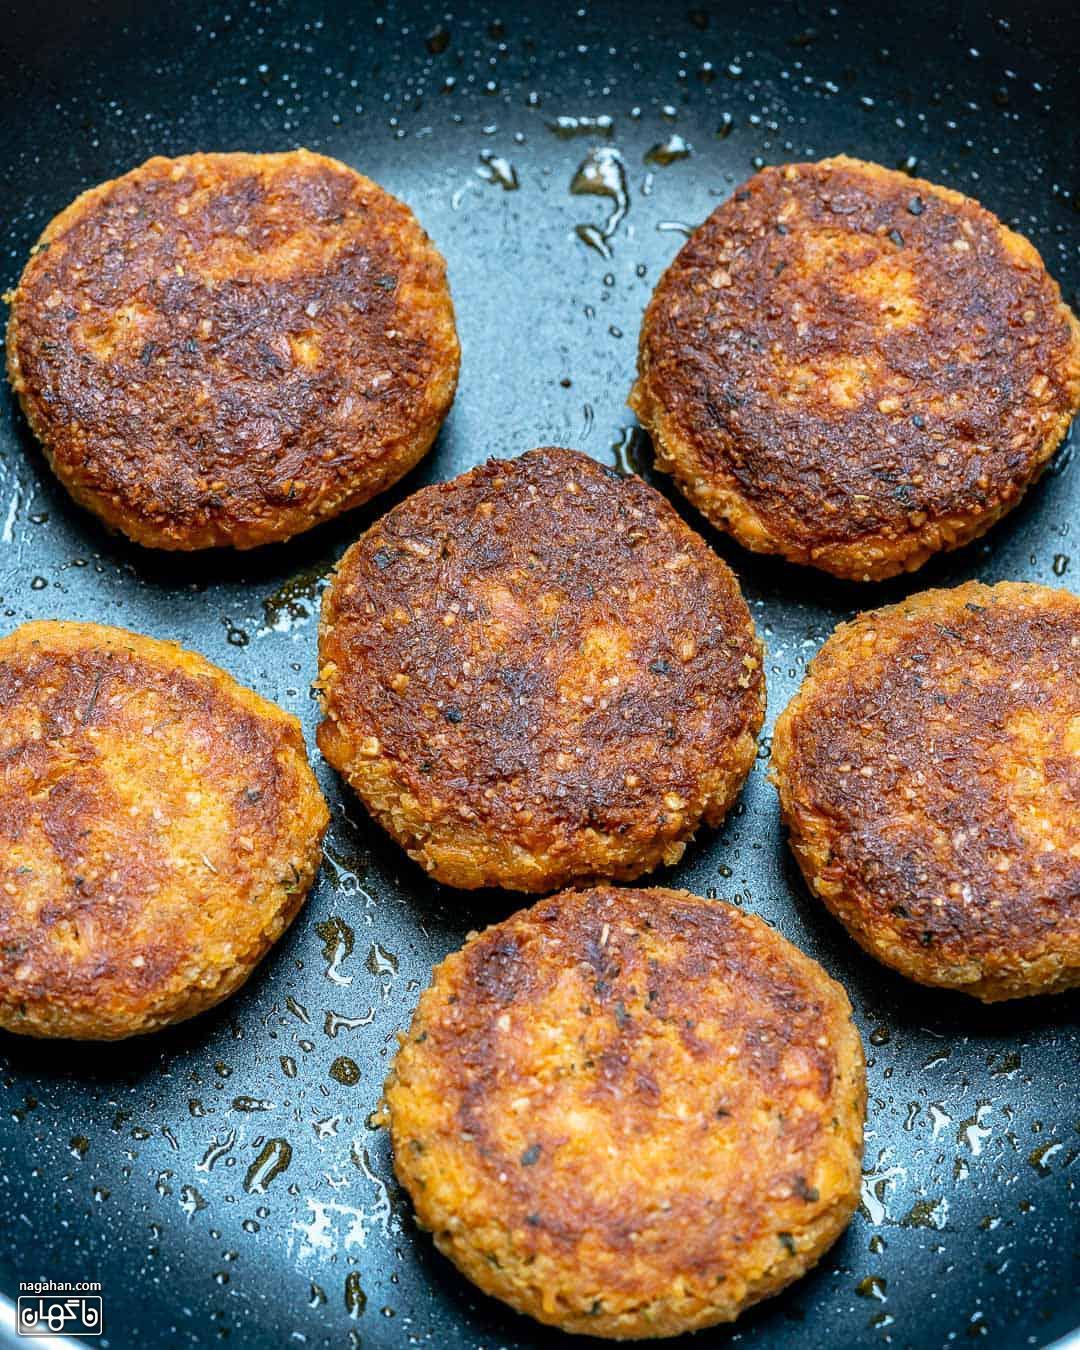 طرز تهیه همبرگر سالمون سایت ناگهان